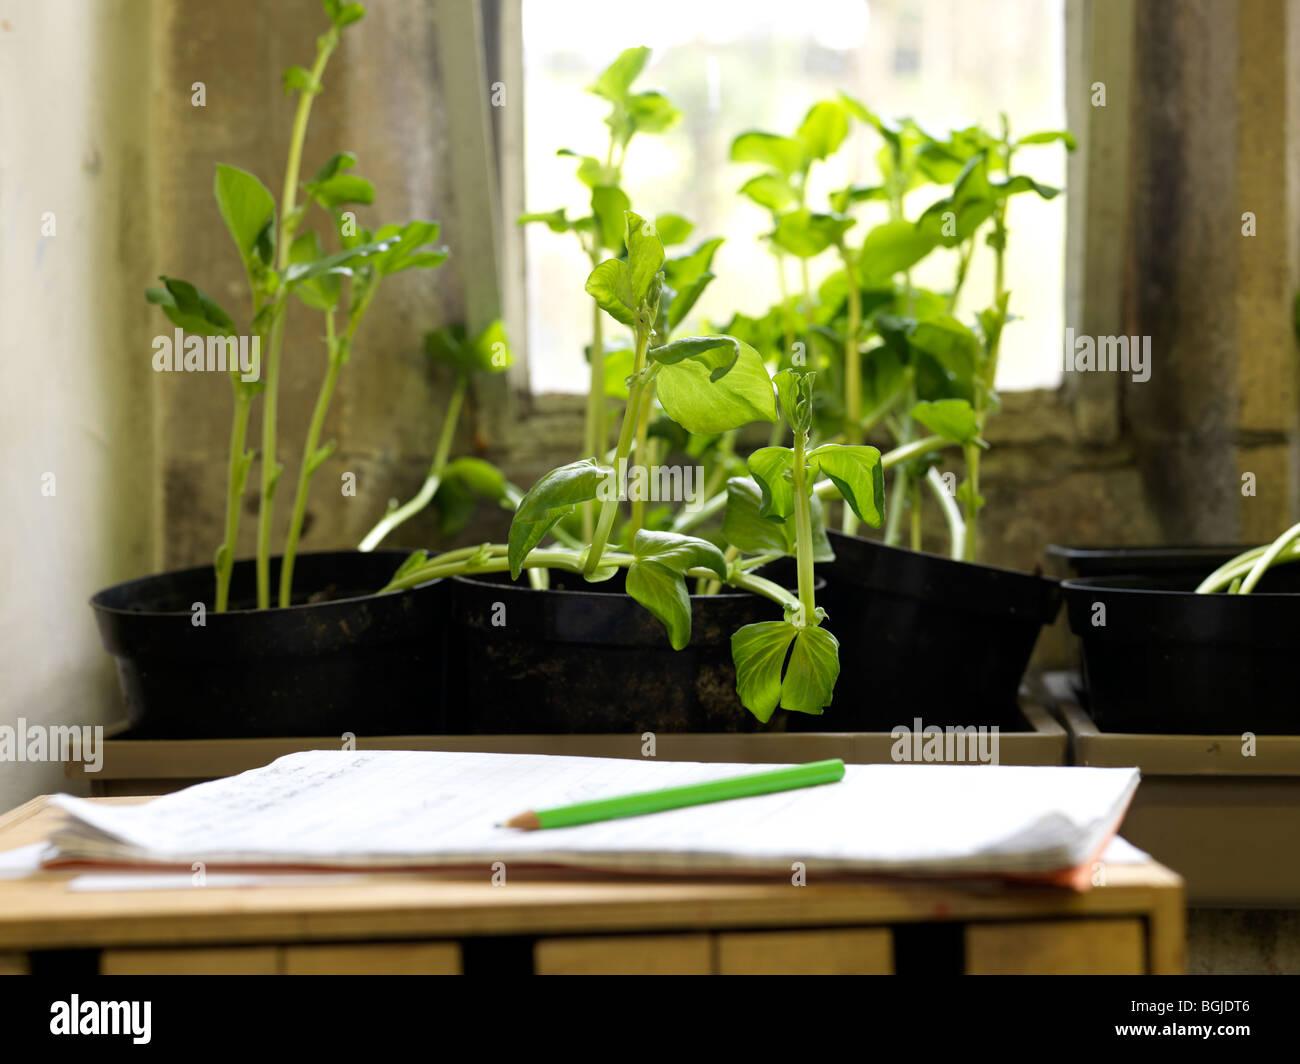 Las plantas que crecen en la ventana del aula Imagen De Stock